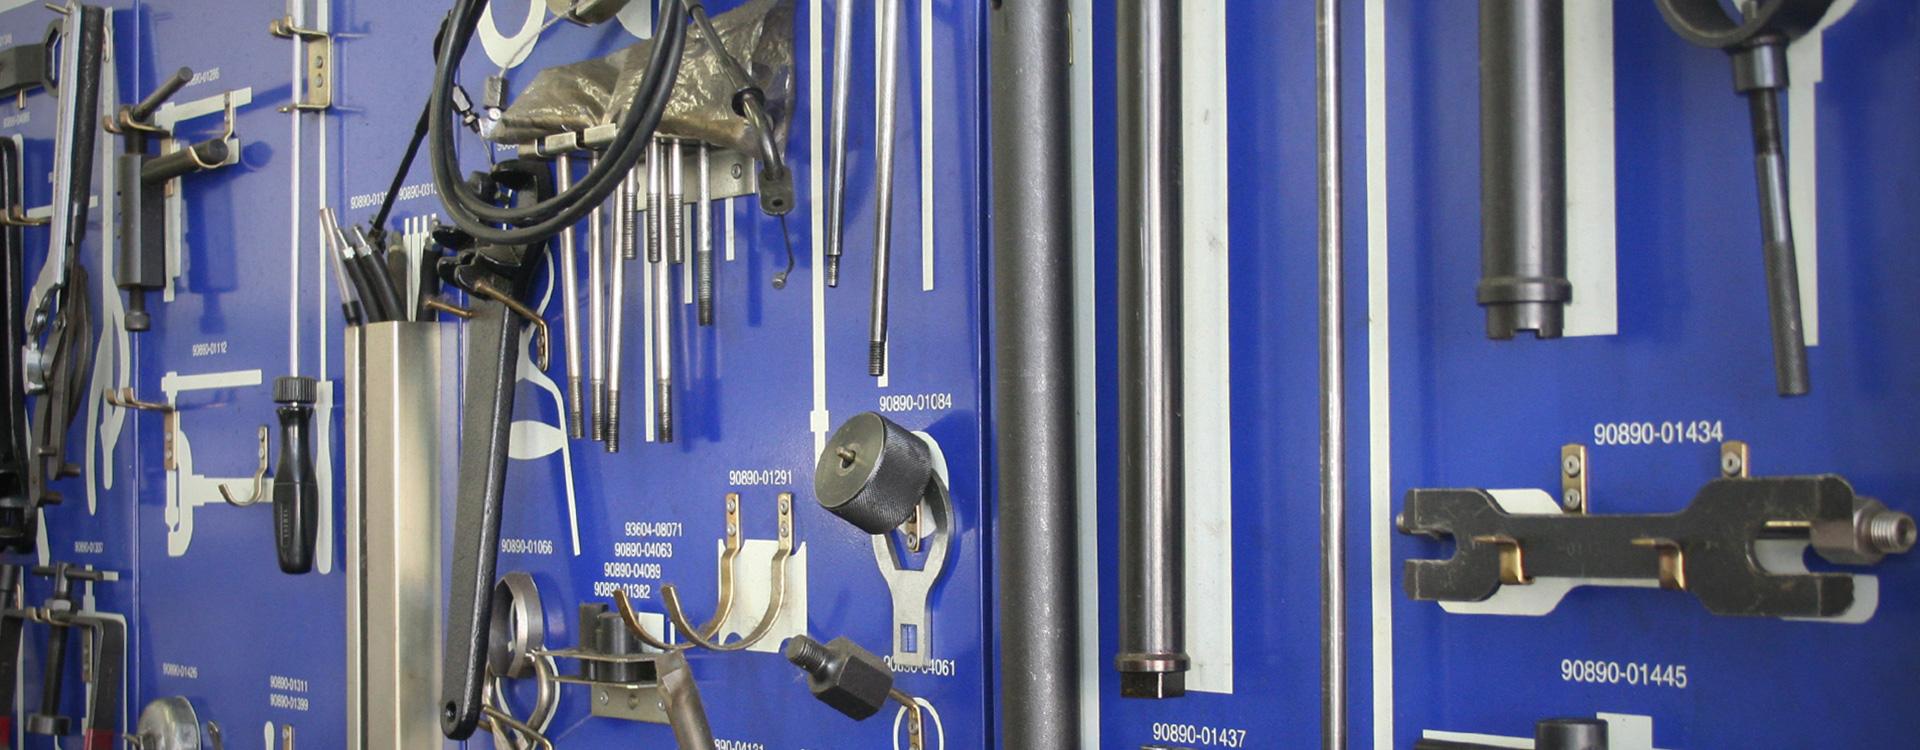 Werkstatt und Service Slider 3 1920x750px | HARMS UND HERRMANN